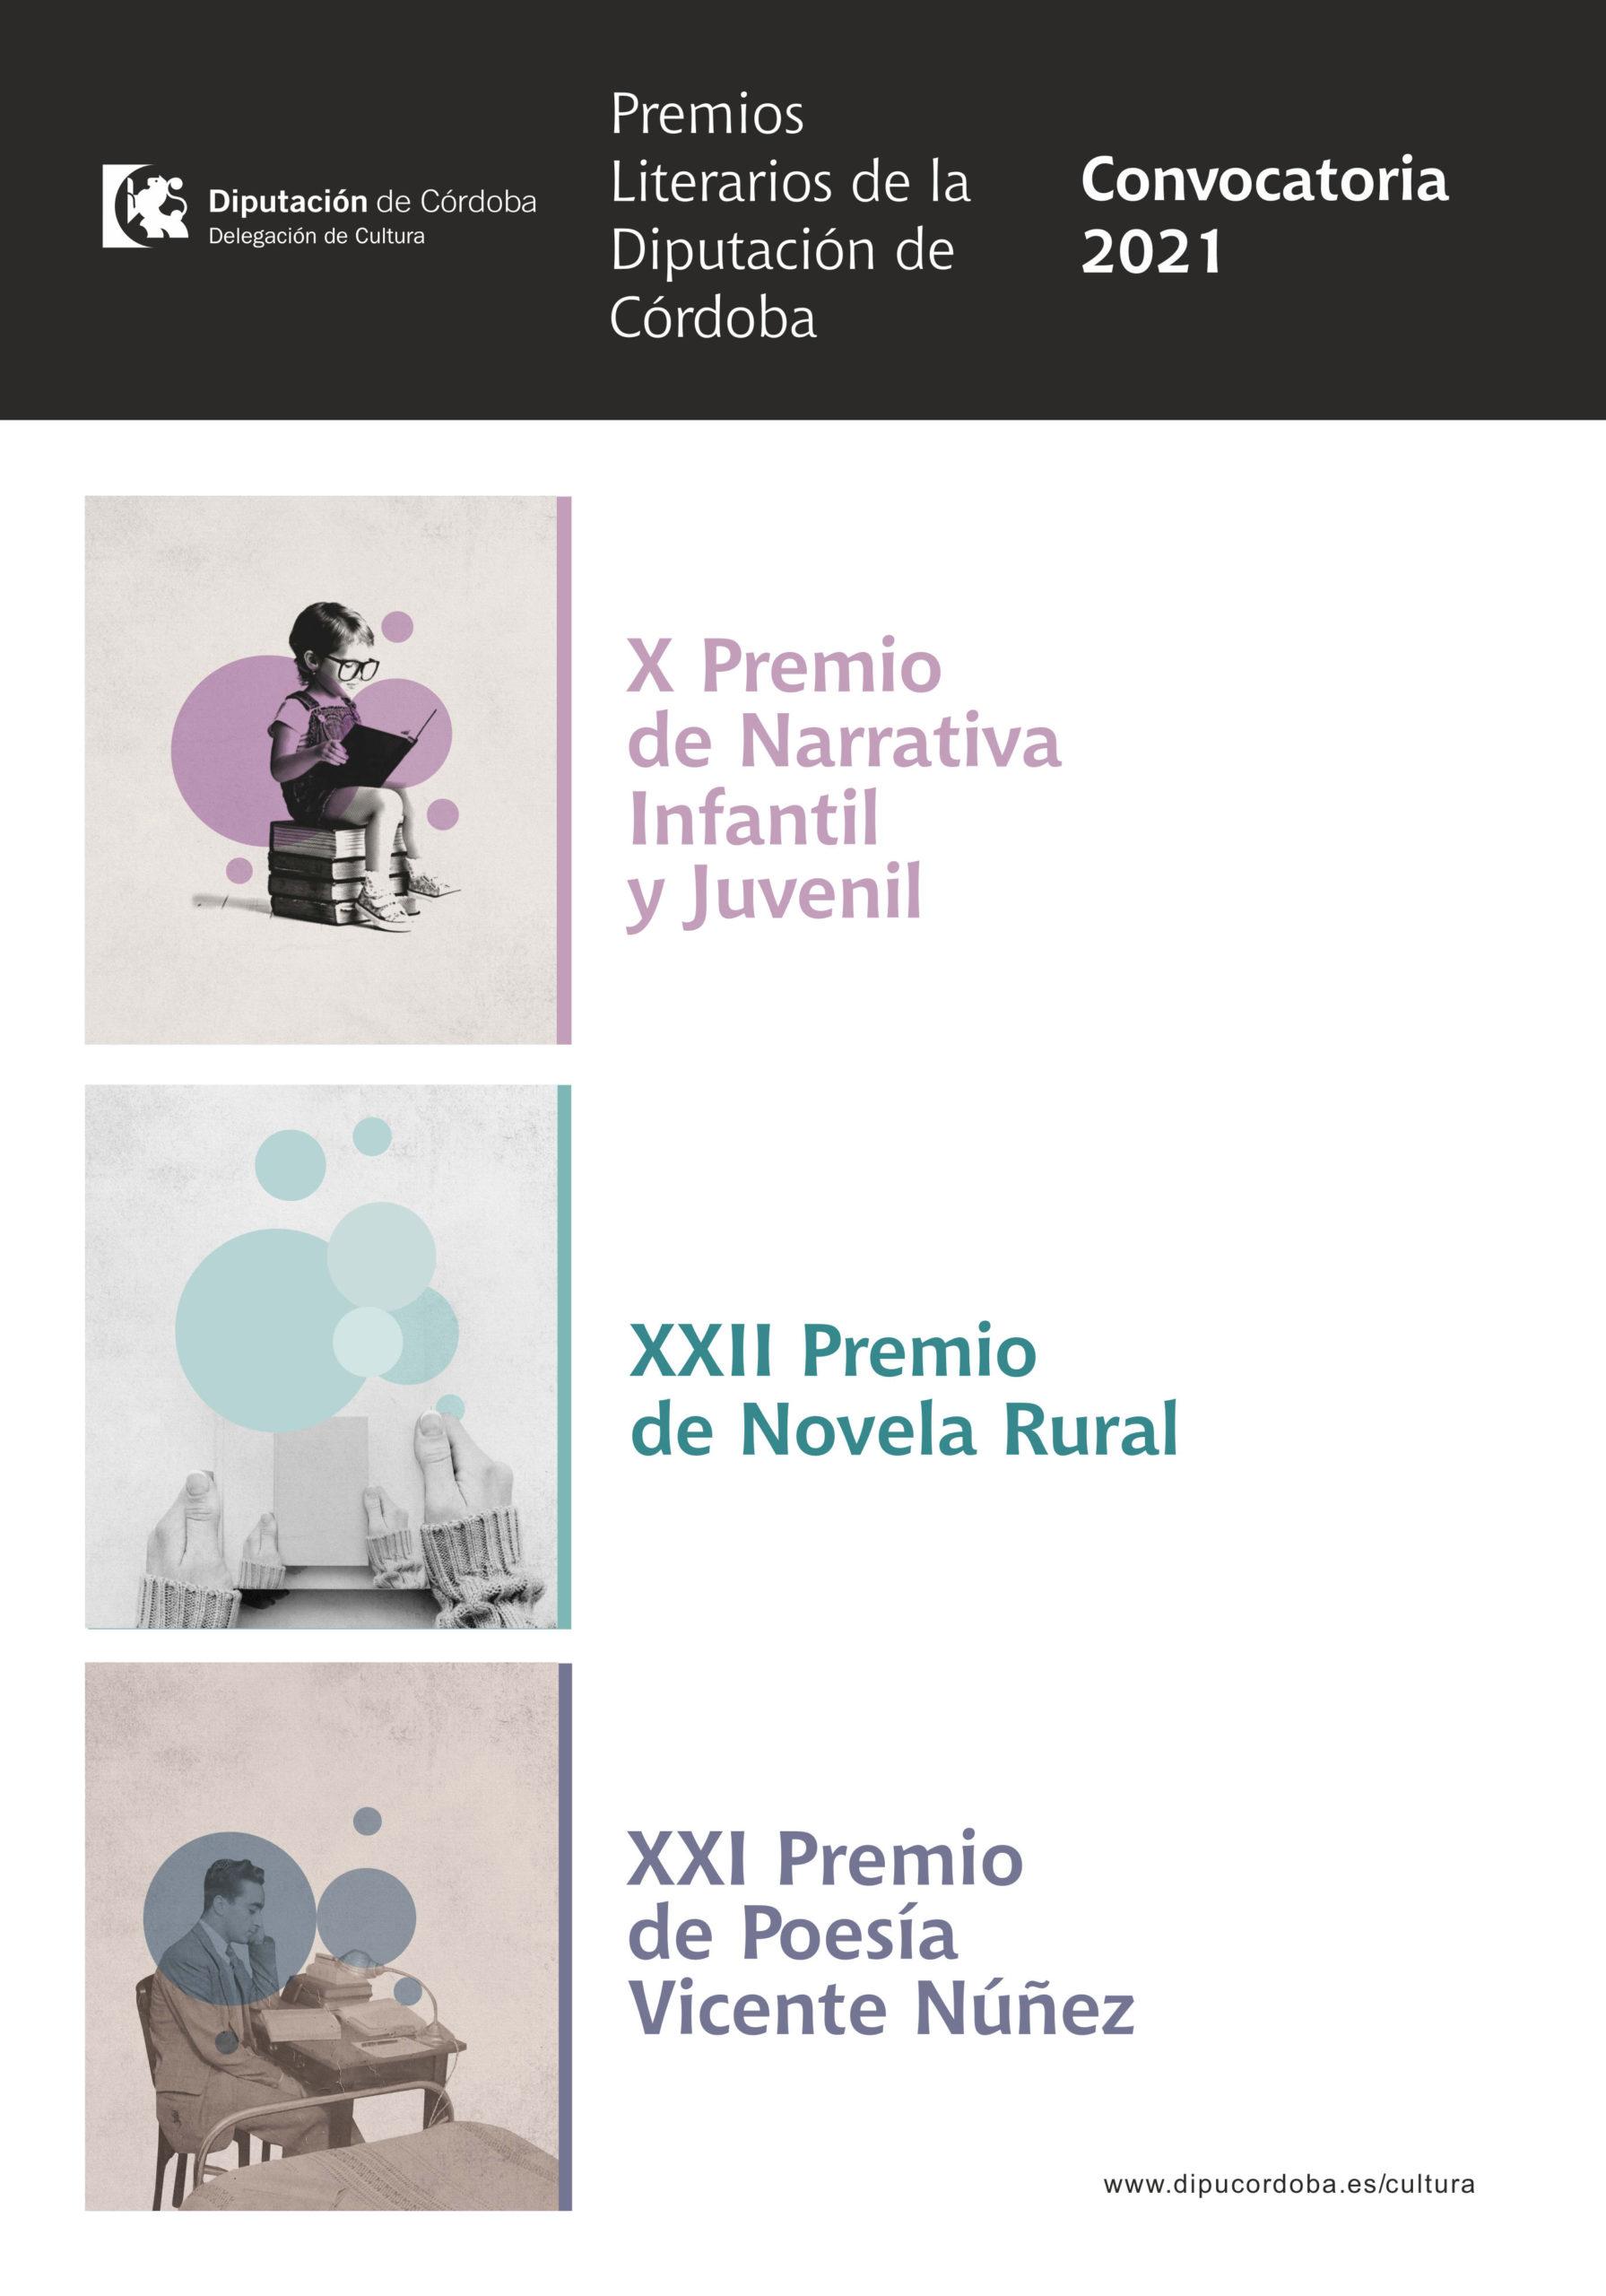 Premios Literarios Diputación de Córdoba 2021